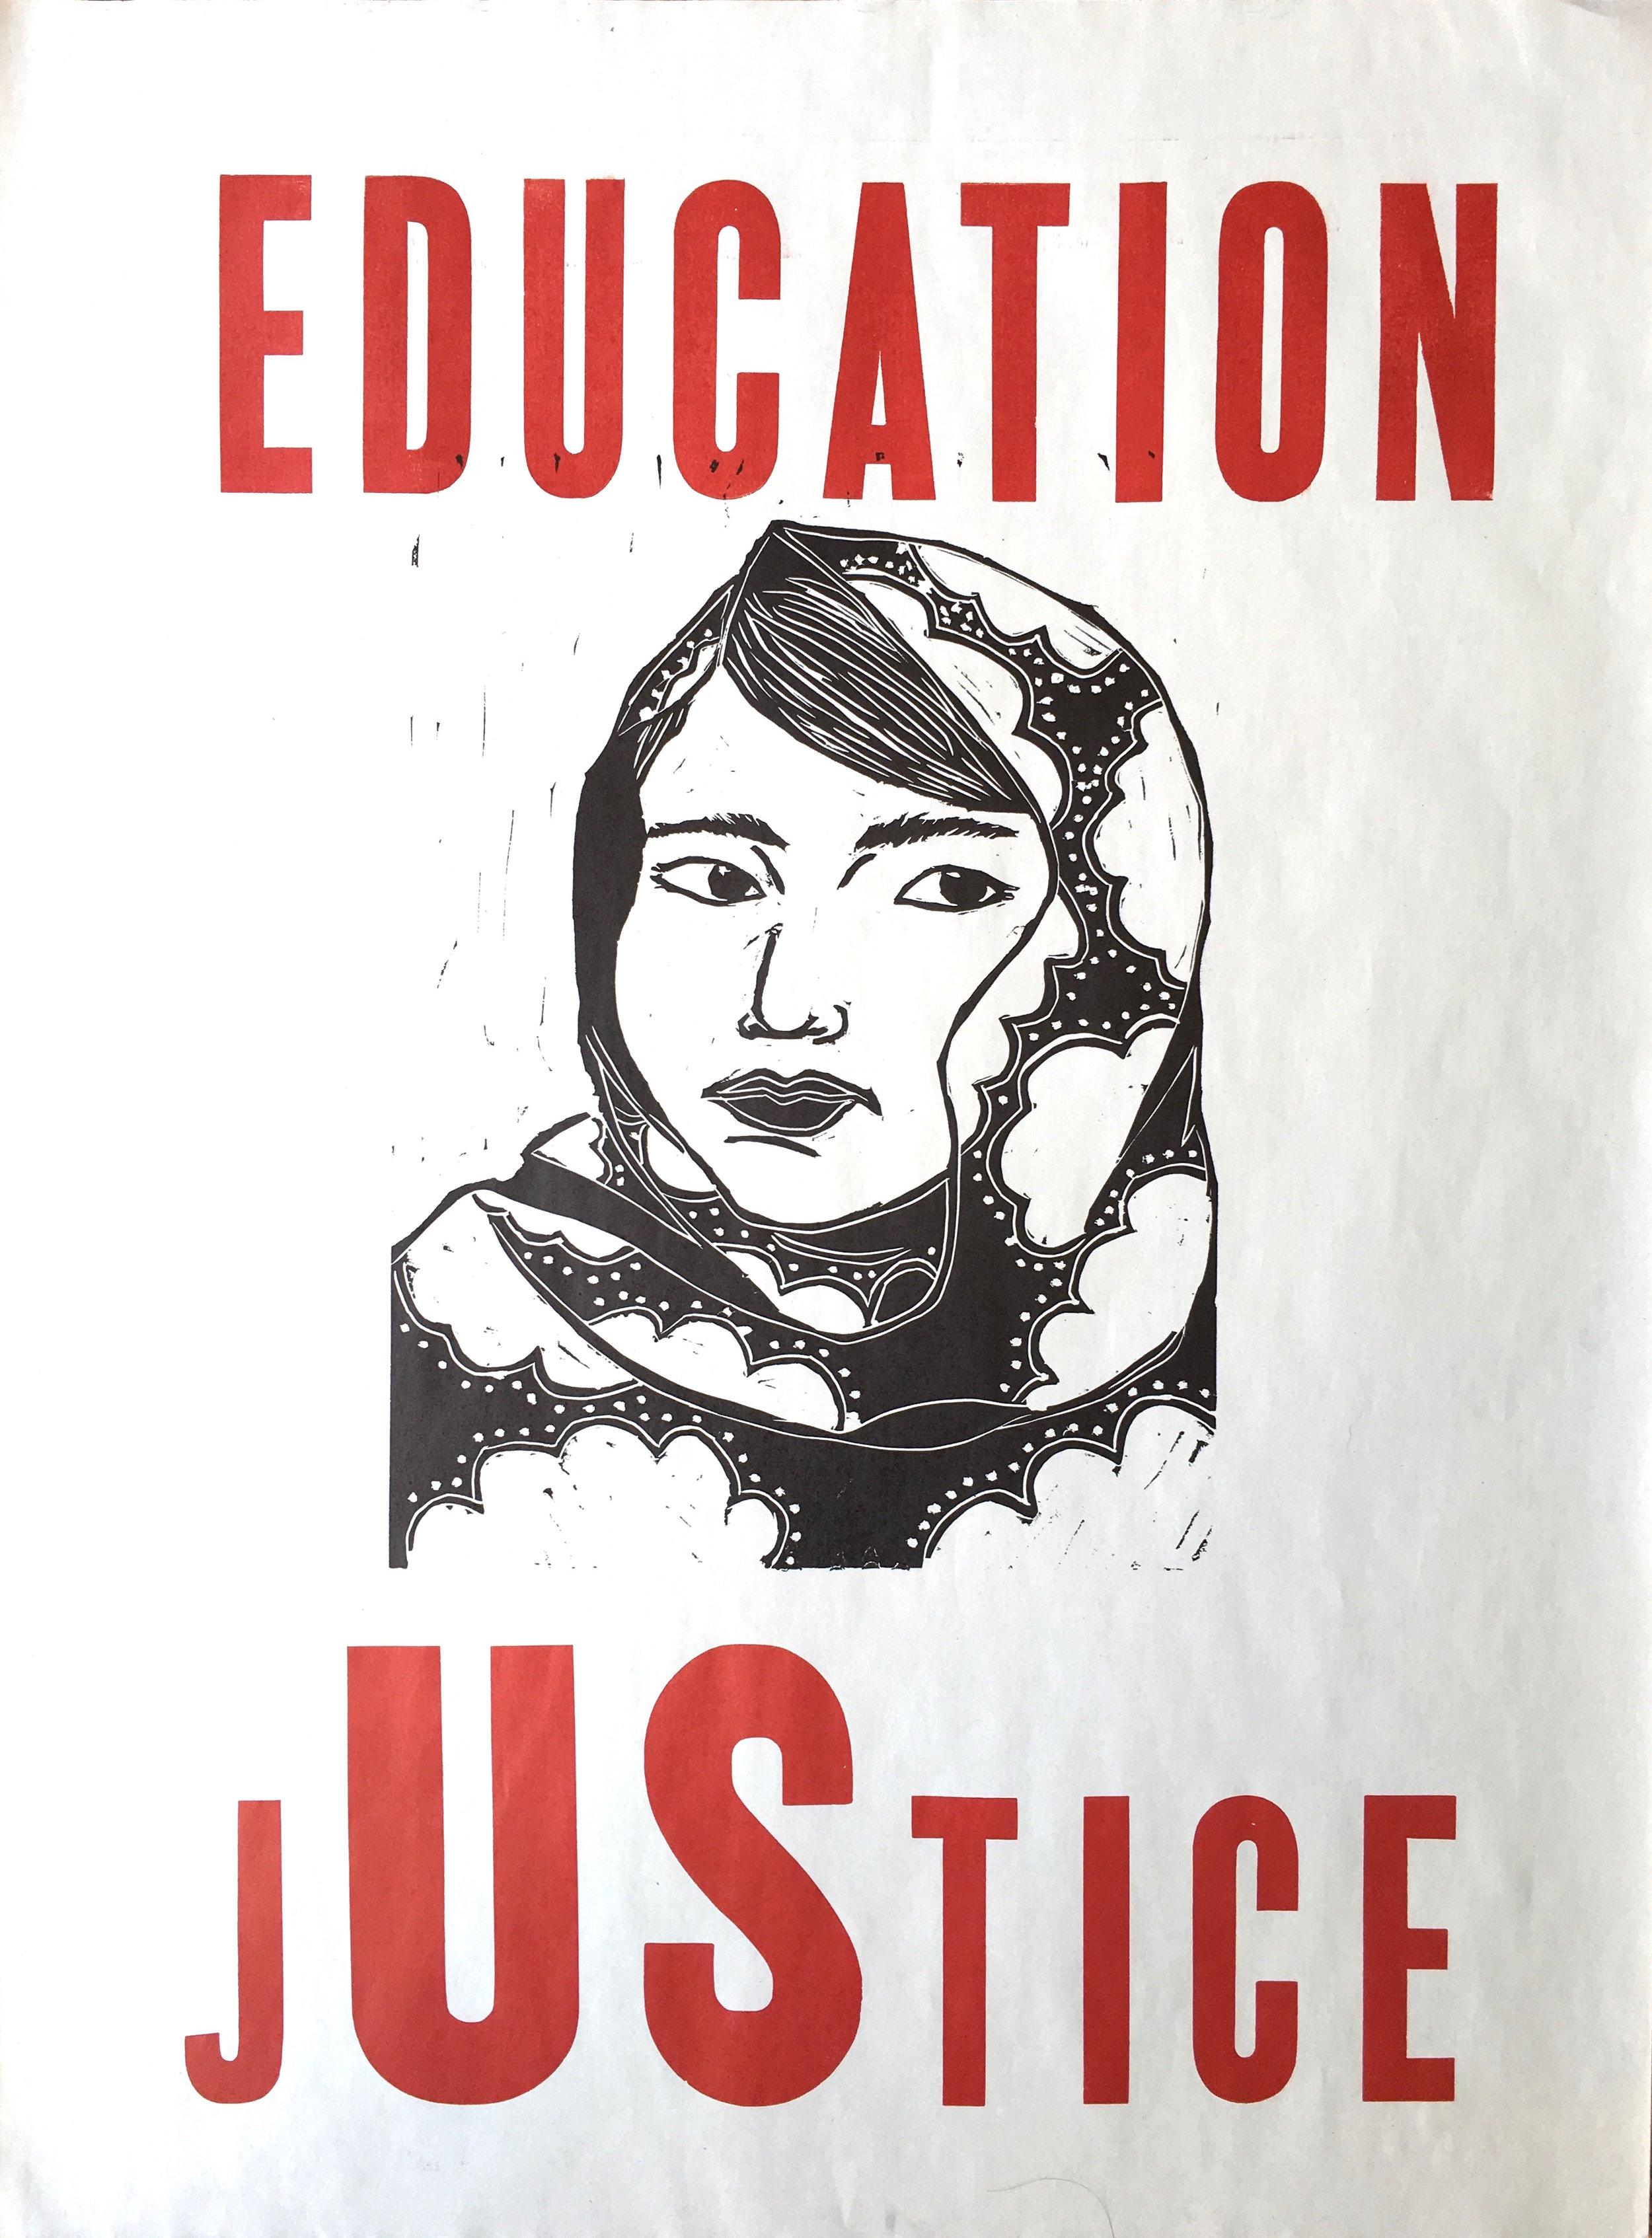 Papalote Justice 9.JPG